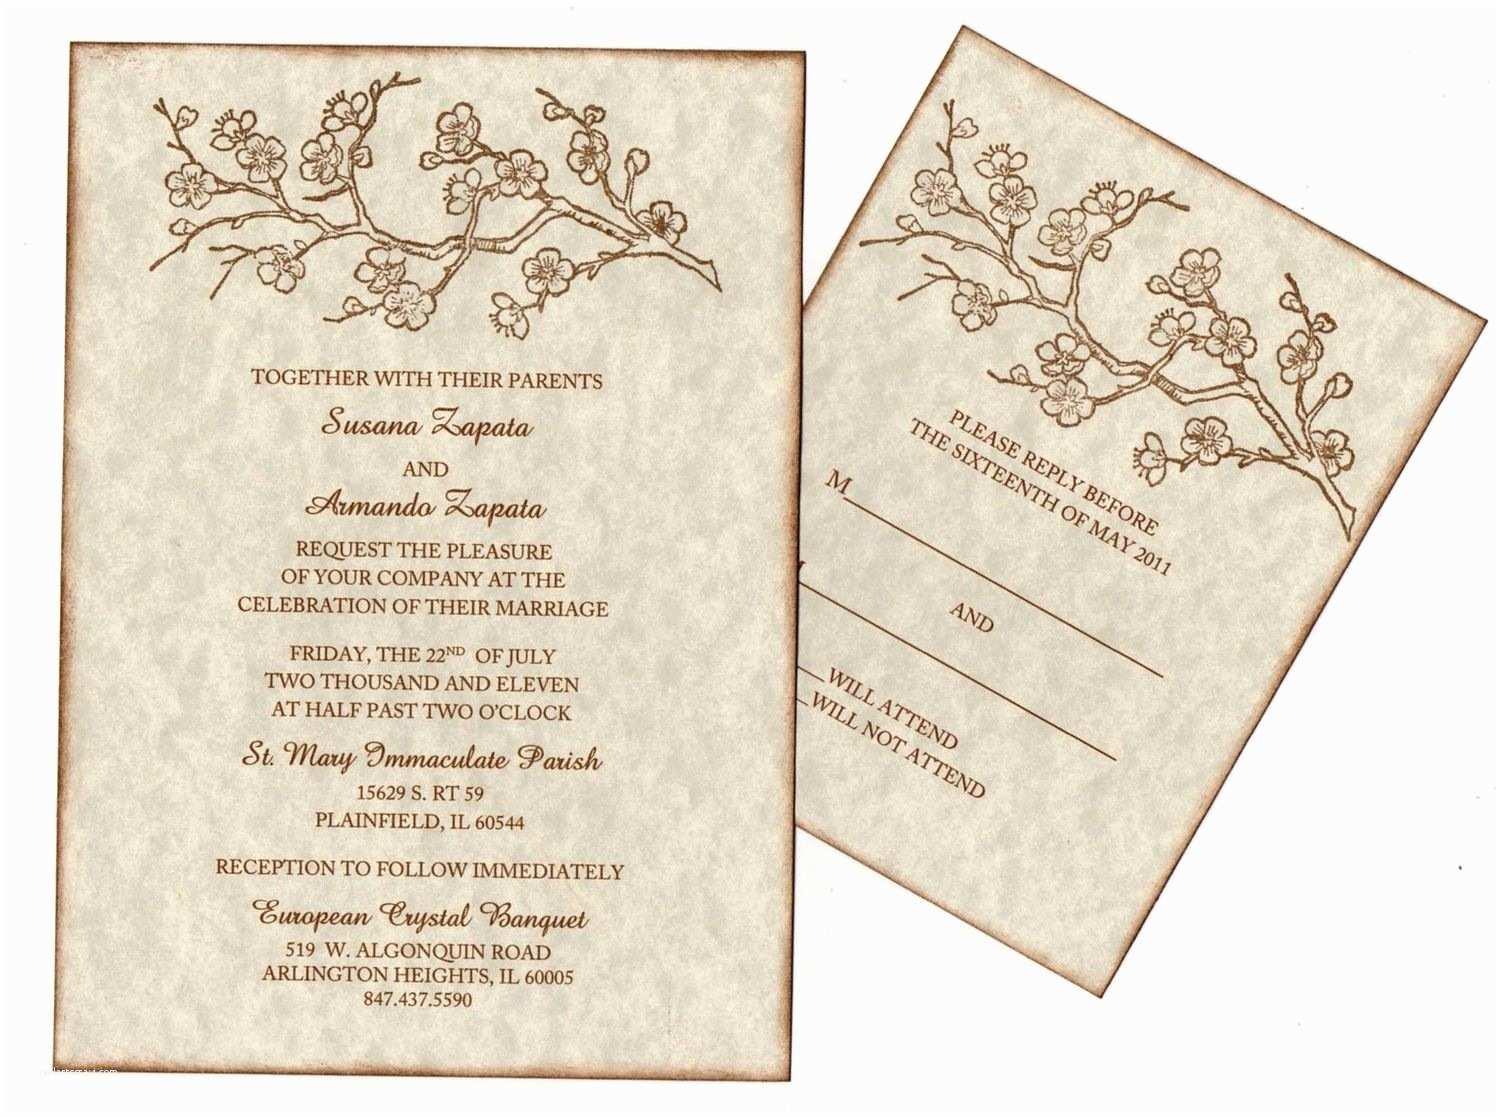 Editable Indian Wedding Invitation Templates Free Download Wedding Invitation Wording Indian Wedding Invitation